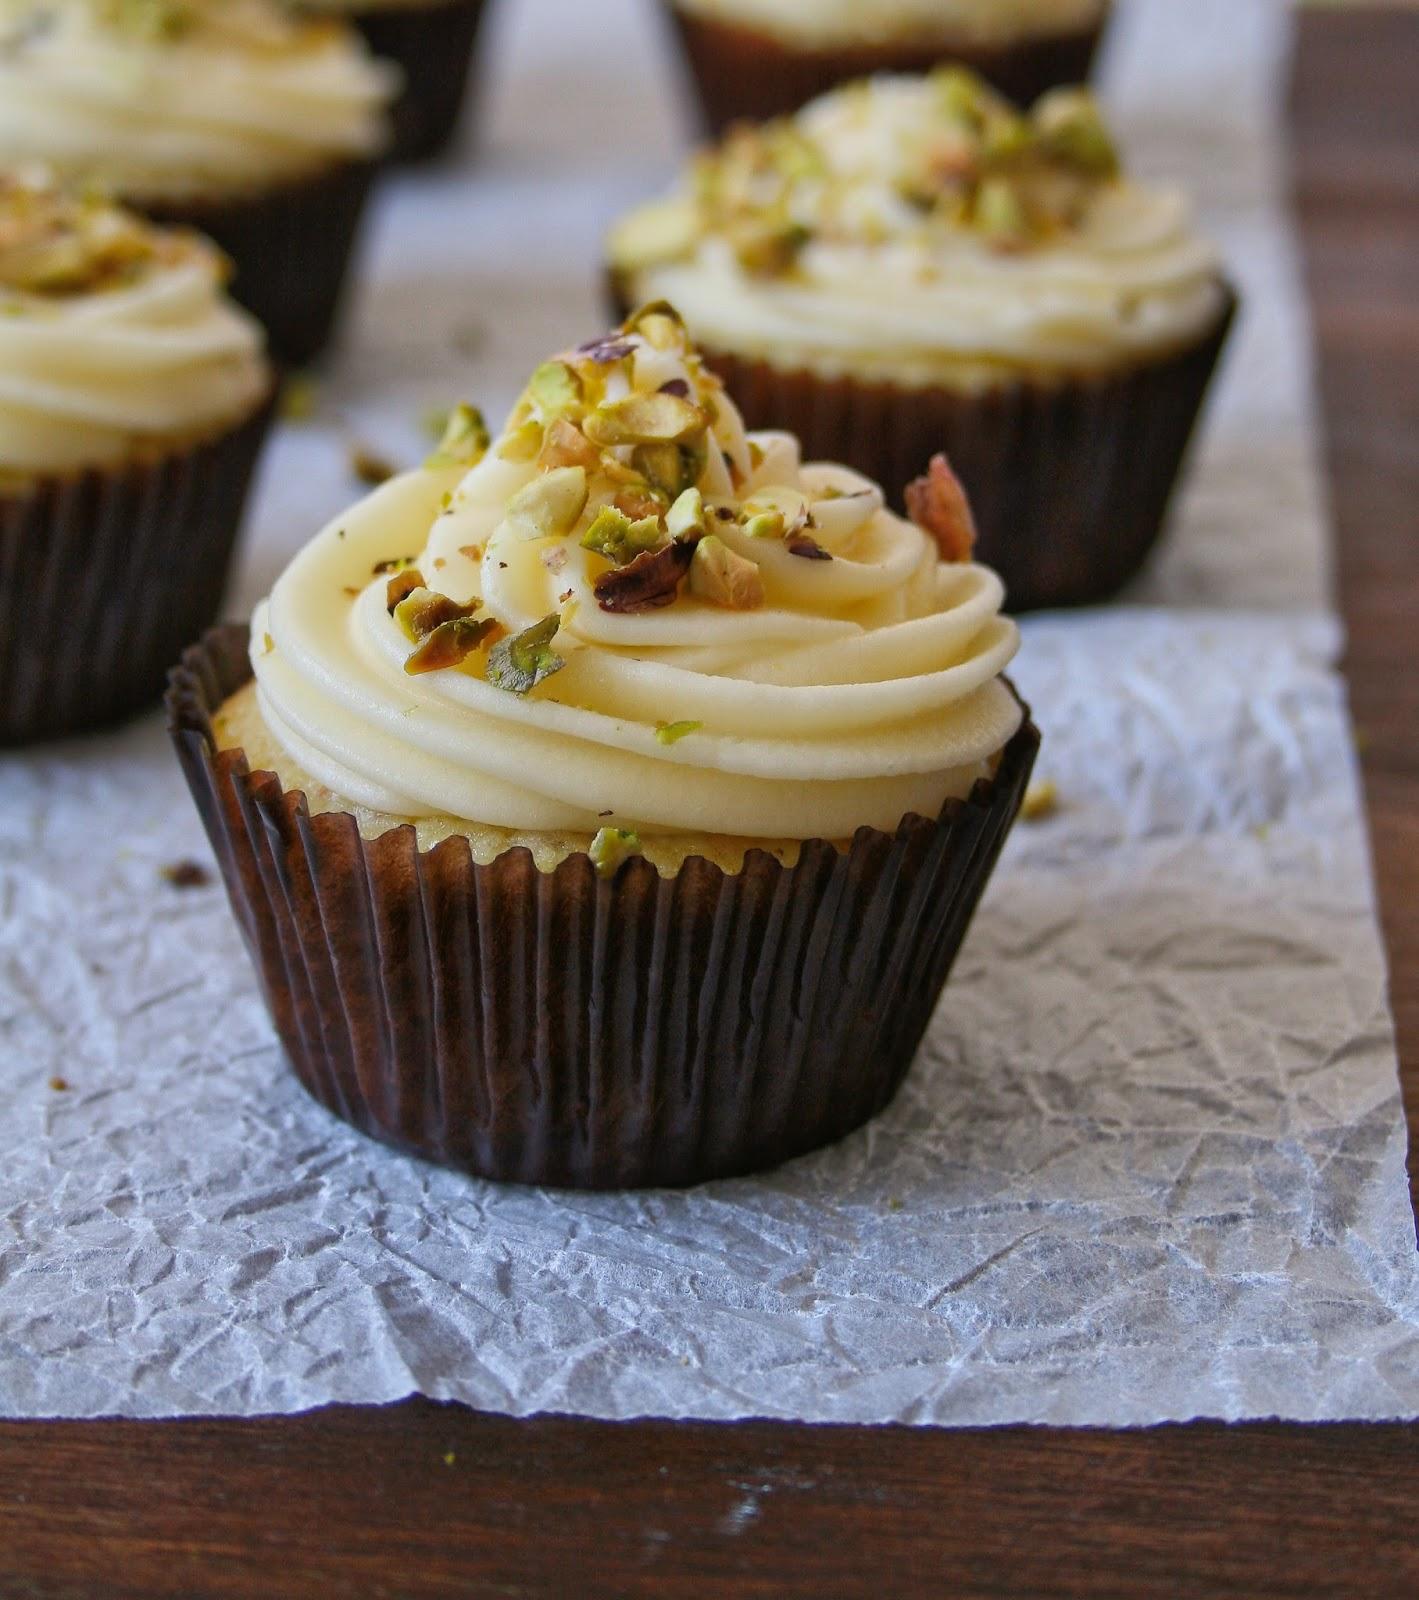 Lemon and pistachio cupcakes.